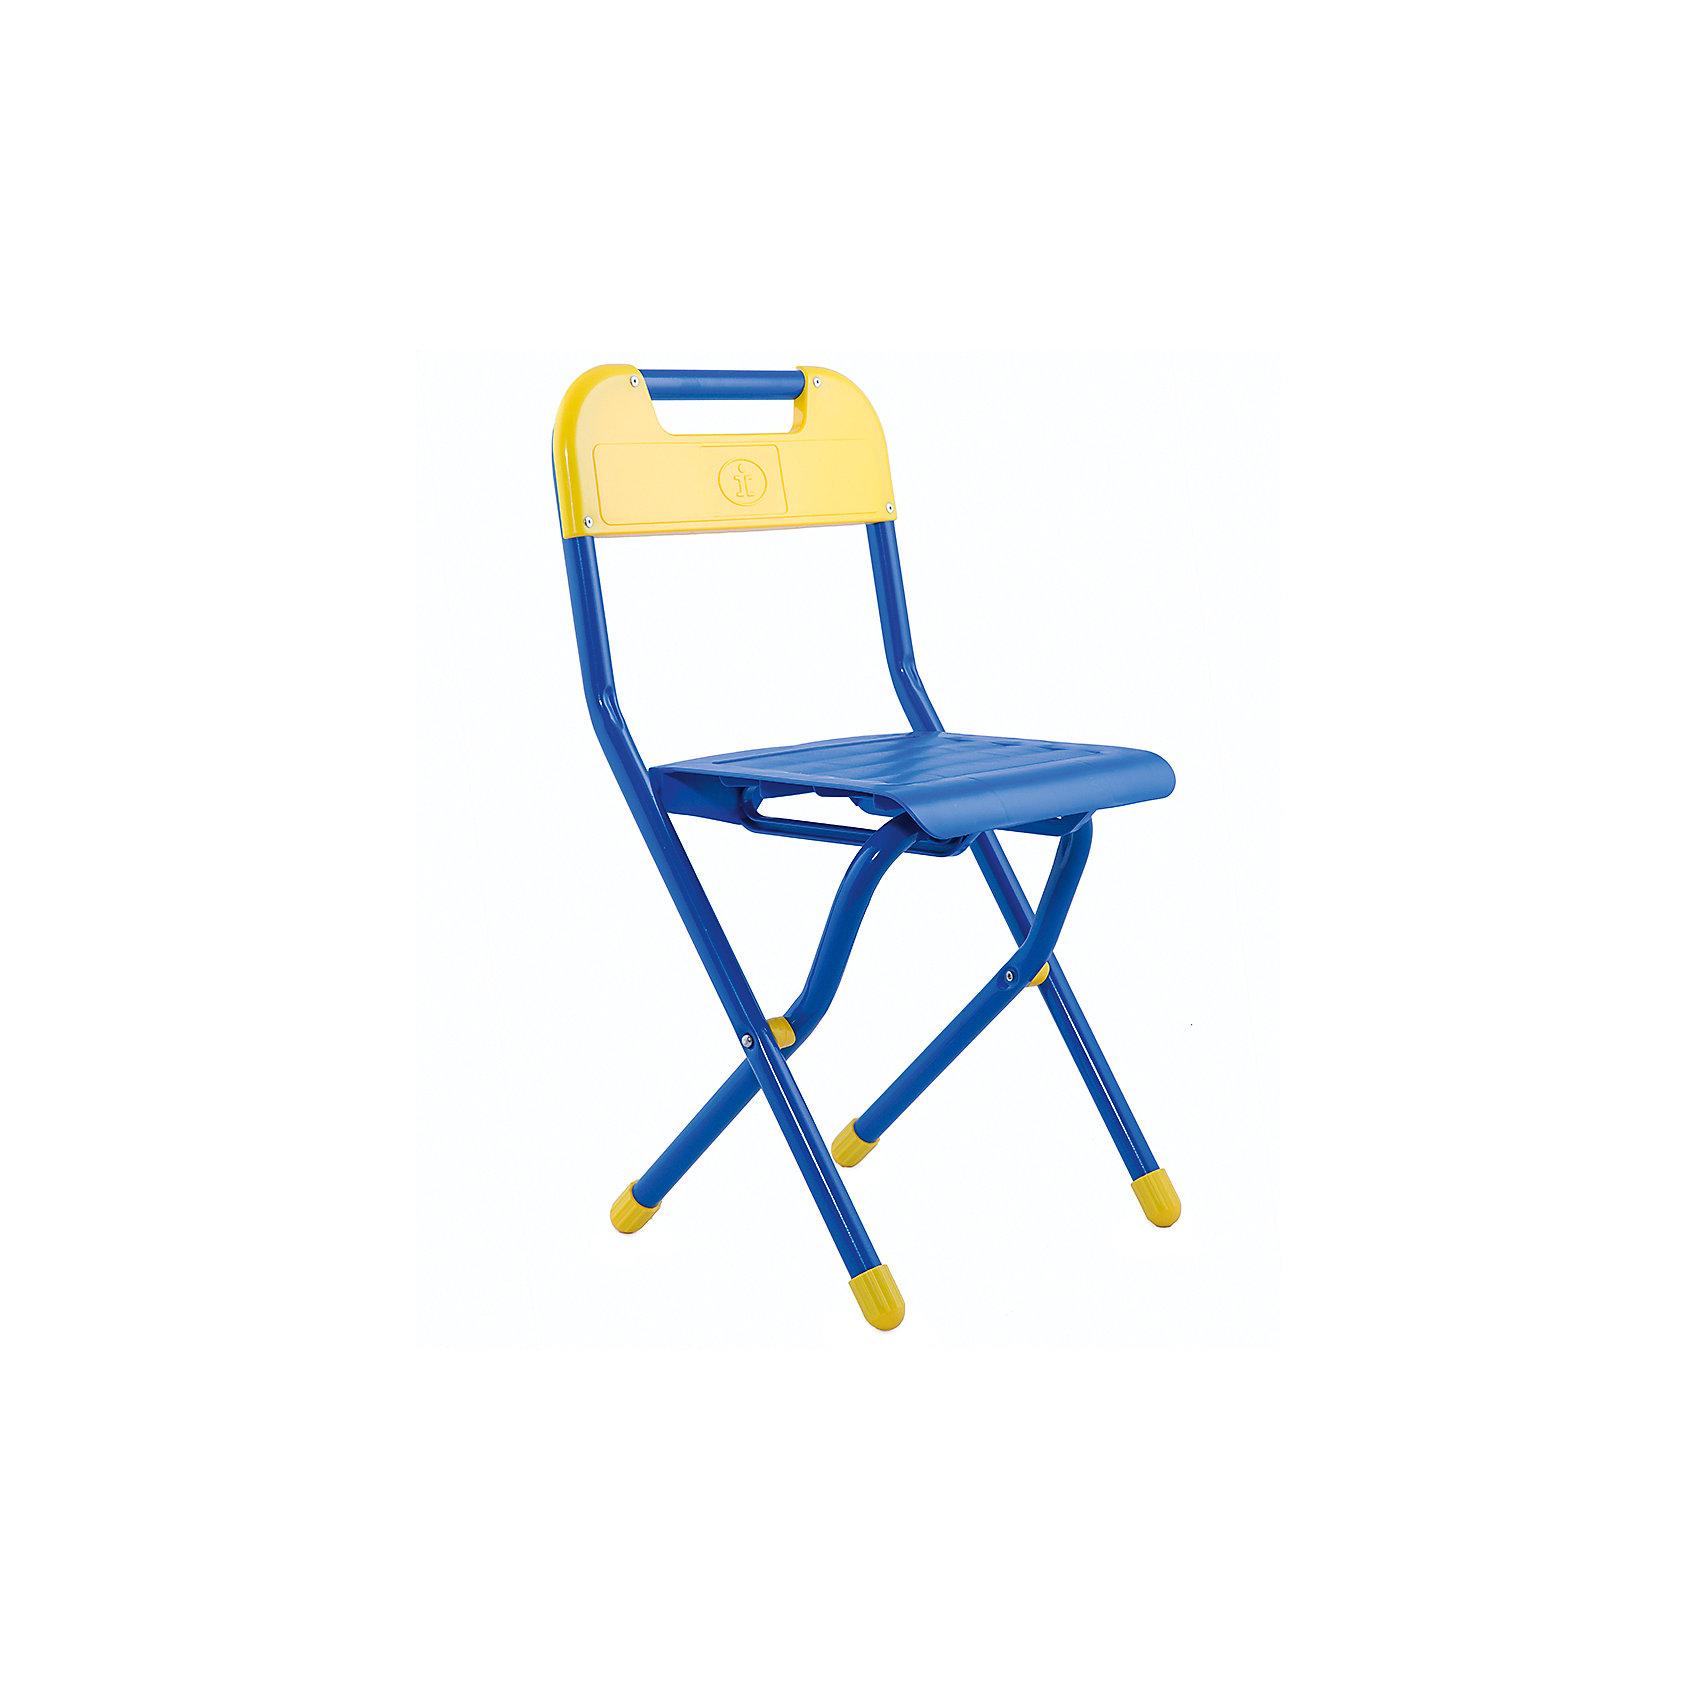 Стул (3-7 лет), Дэми, синийСкладной стул - незаменимый атрибут любой детской комнаты. Стул очень удобный и прочный, яркая расцветка обязательно понравится детям и отлично впишется в интерьер. Стул быстро раскладывается и складывается, в сложенном виде занимает мало места. Прочное алюминиевое основание и пластиковое сиденье и спинку удобно мыть. Прекрасно подходит для организации детских игр и отдыха. <br><br>Дополнительная информация:<br><br>- Размер: 33х60х32 см.<br>- Высота от пола до сиденья: 34 см. <br>- Материал: пластик, алюминий. <br>- Цвет: синий.<br>- Складывается. <br>- Максимальный вес: 30 кг.<br><br>Синий стул (3-7 лет) можно купить в нашем магазине.<br><br>Ширина мм: 730<br>Глубина мм: 340<br>Высота мм: 110<br>Вес г: 1500<br>Возраст от месяцев: 36<br>Возраст до месяцев: 84<br>Пол: Мужской<br>Возраст: Детский<br>SKU: 4306479